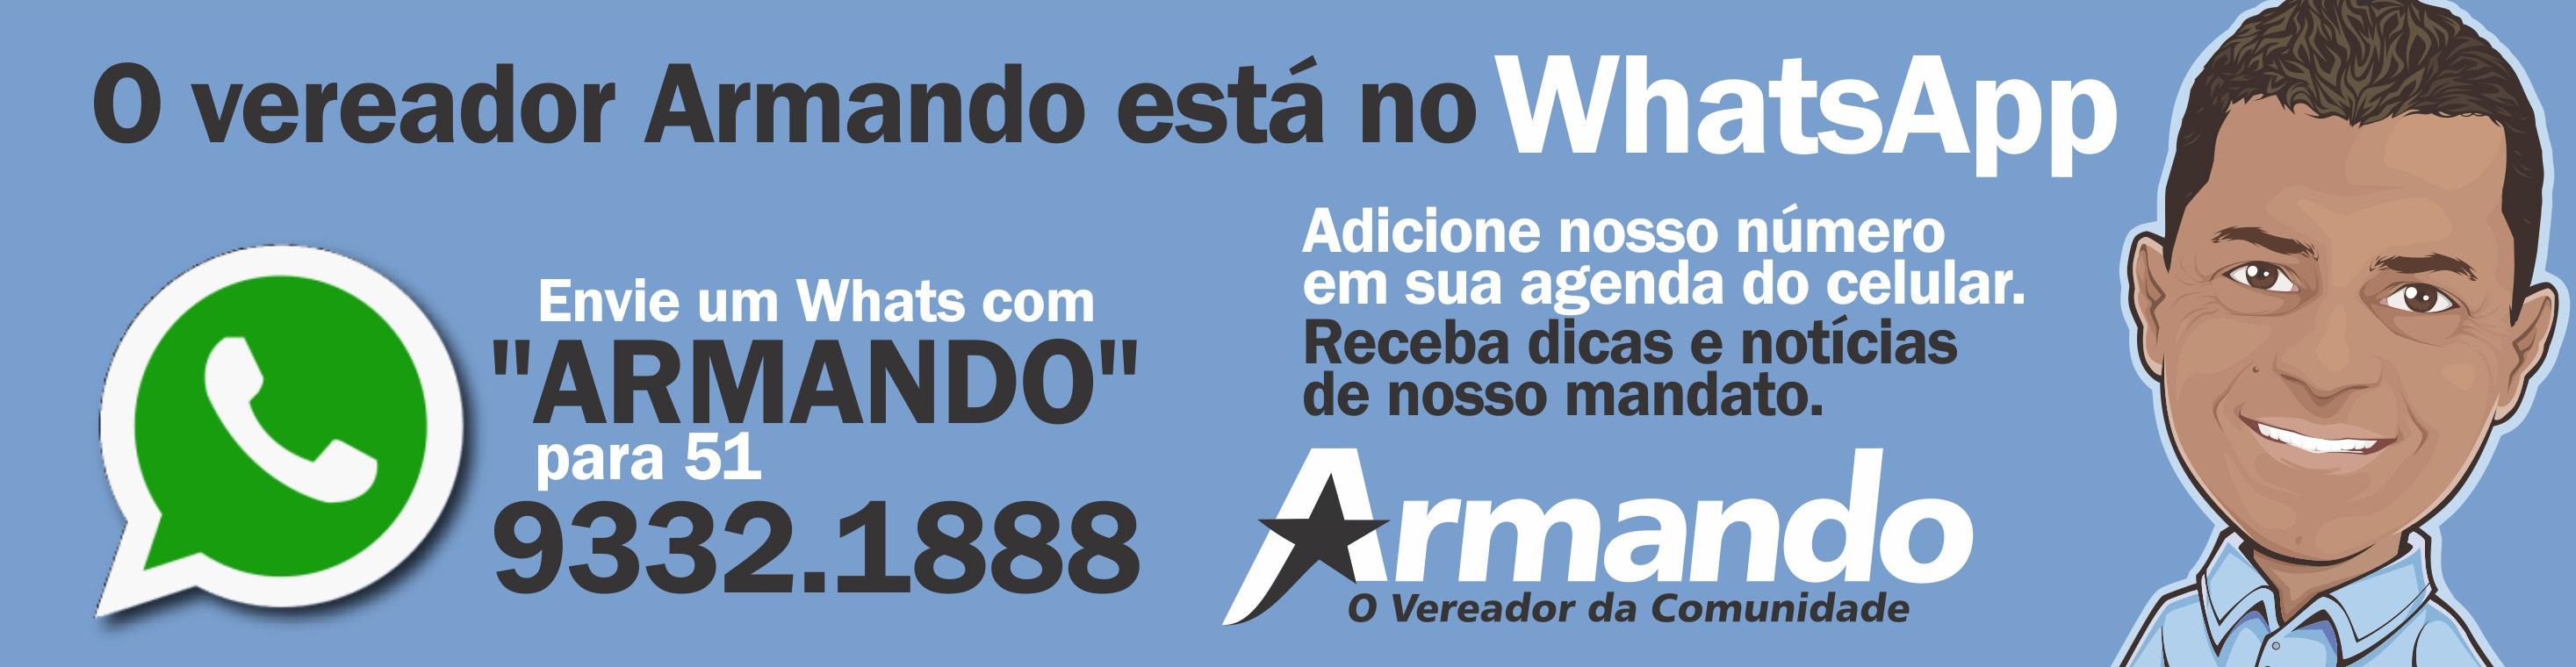 WhatsApp_4_ ereador_Armando